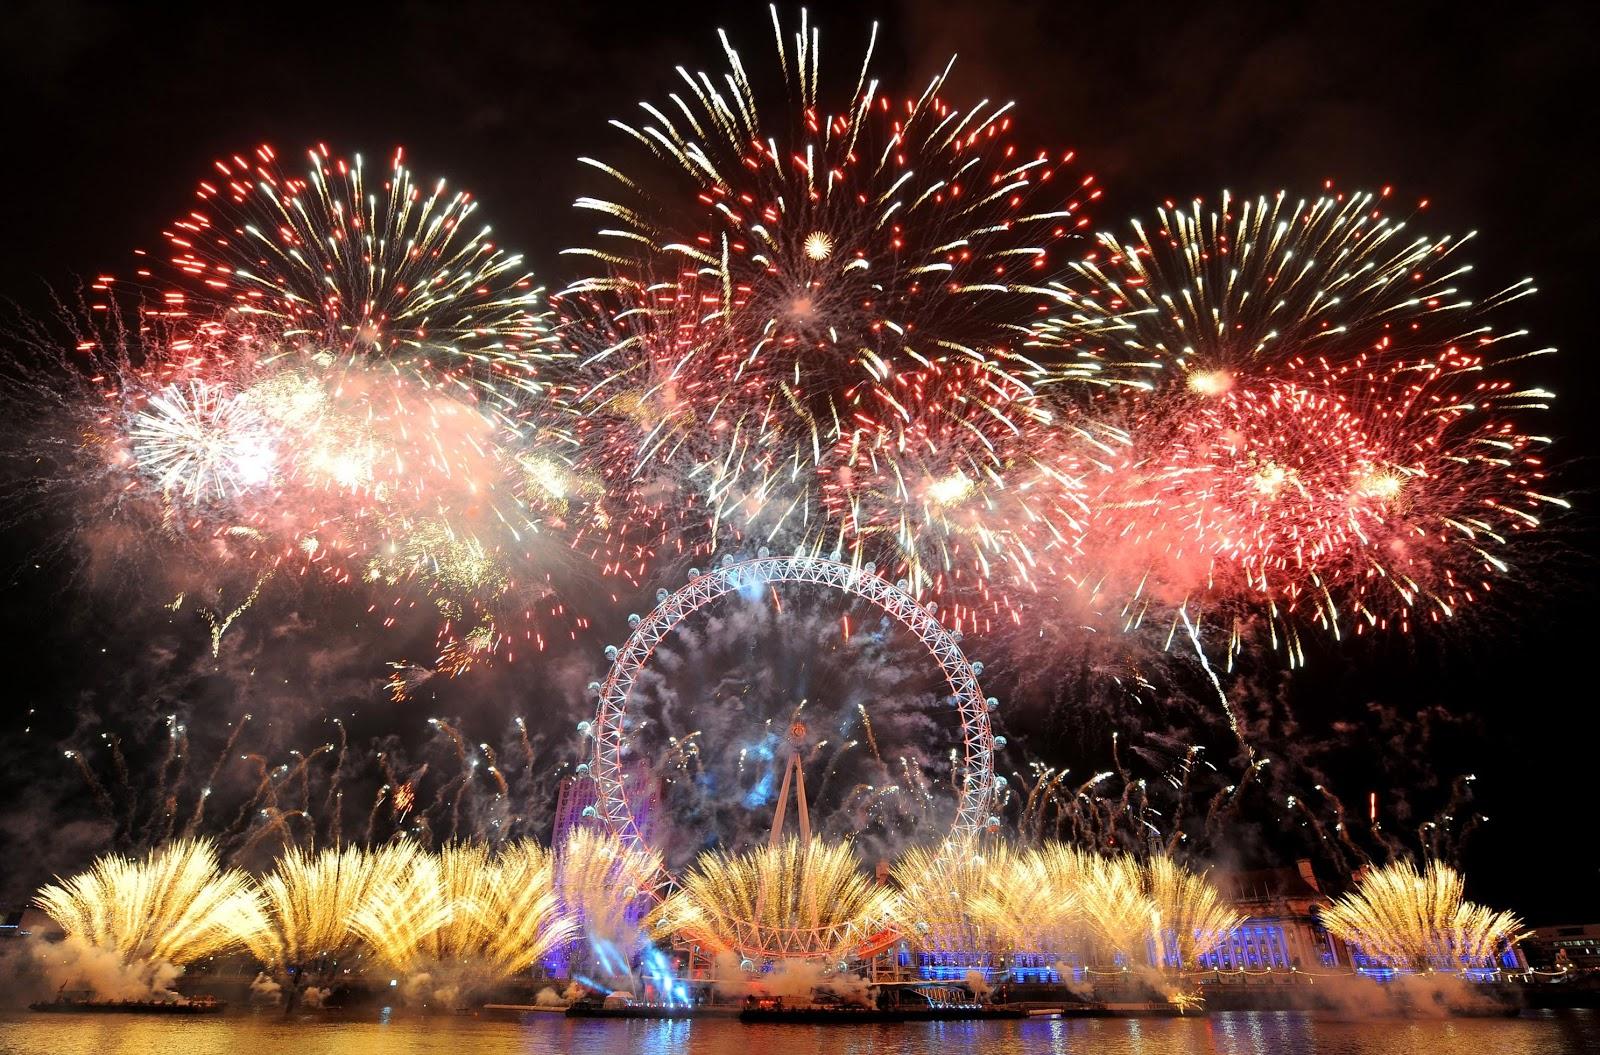 Ciekawe miejsca na Sylwestra - sylwestrowy pokaz sztucznych ogni nad Tamizą w Londynie